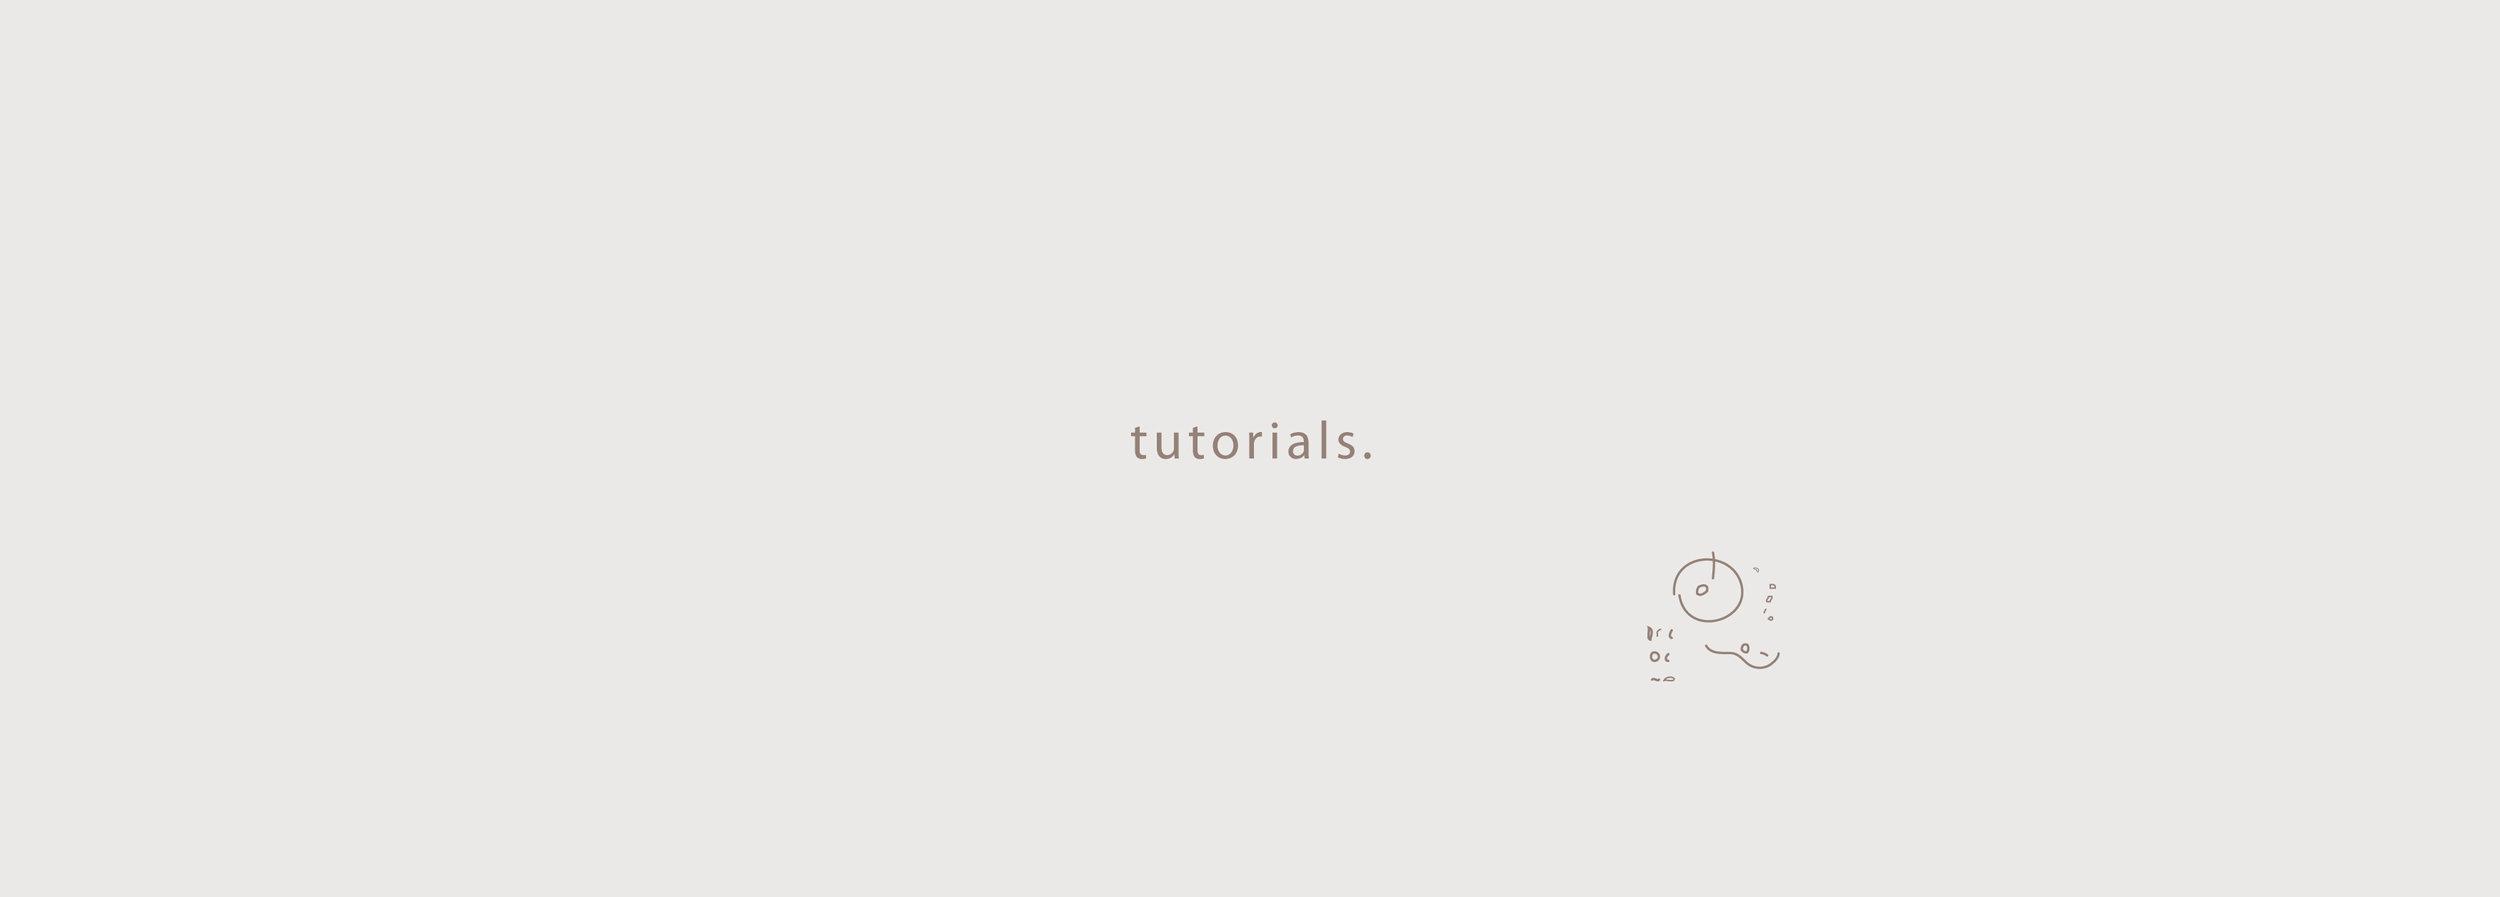 190102_Title_Tutorials.jpg